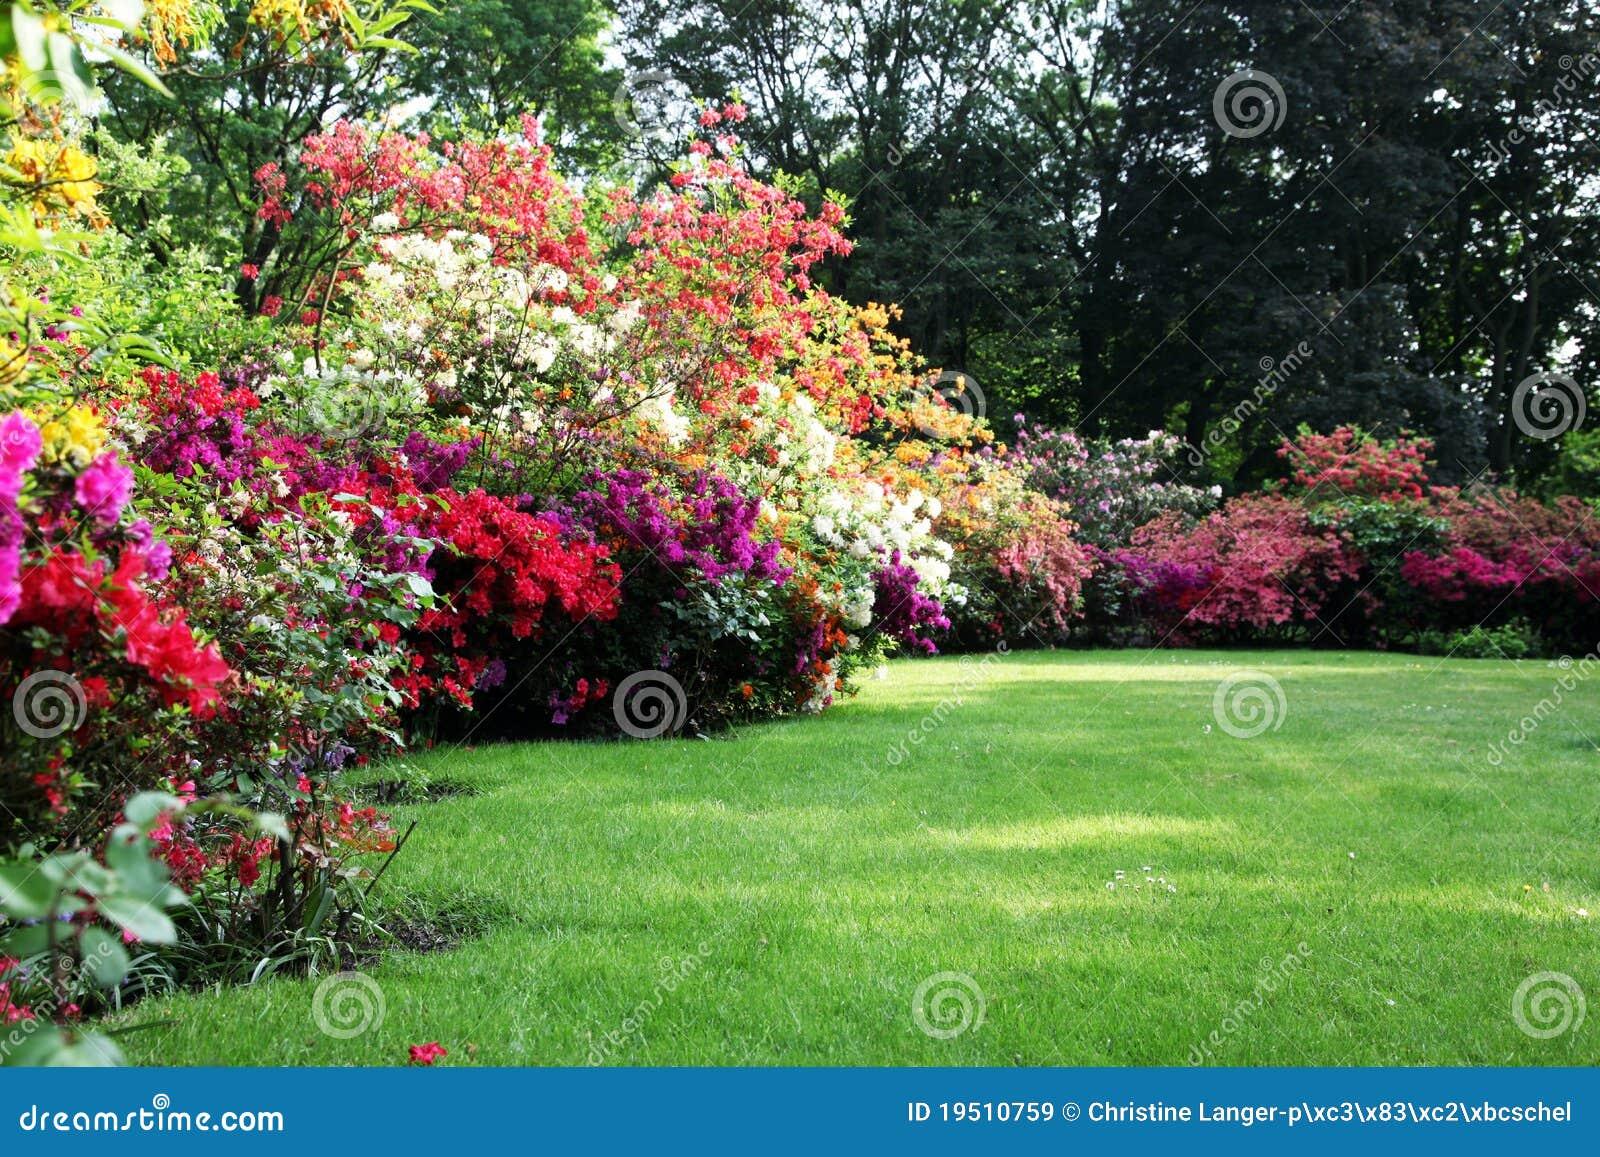 Mooie bloeiende rododendron in de tuin stock afbeelding for Mooie tuinen afbeeldingen